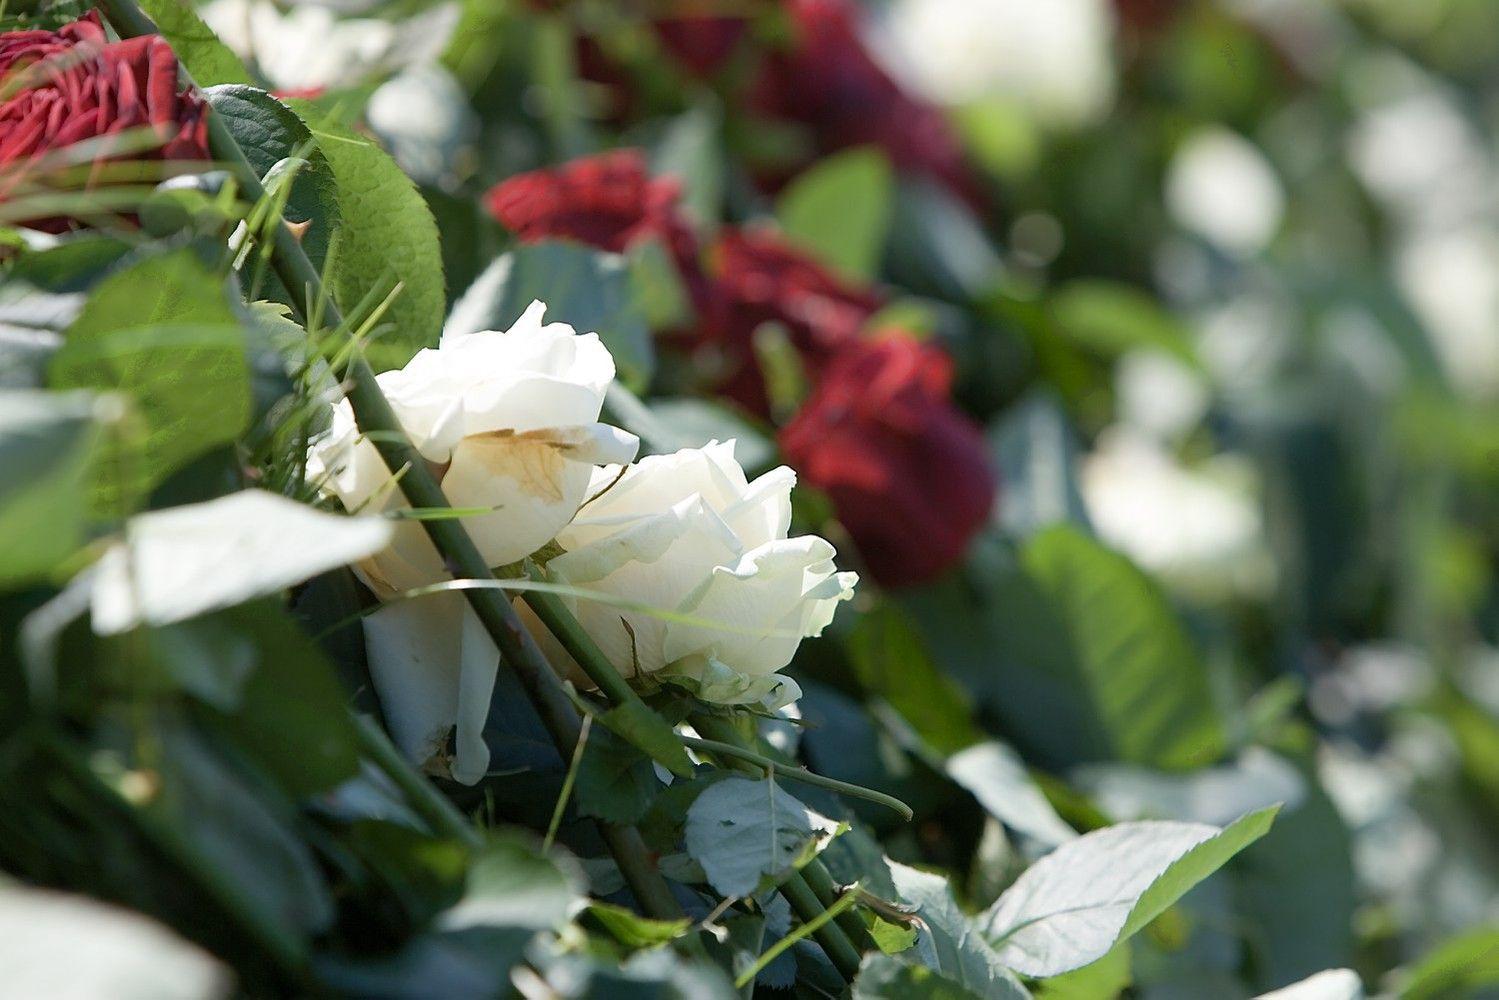 Sostinės valdžia nusprendė, kur Vilniuje galima statyti krematoriumus